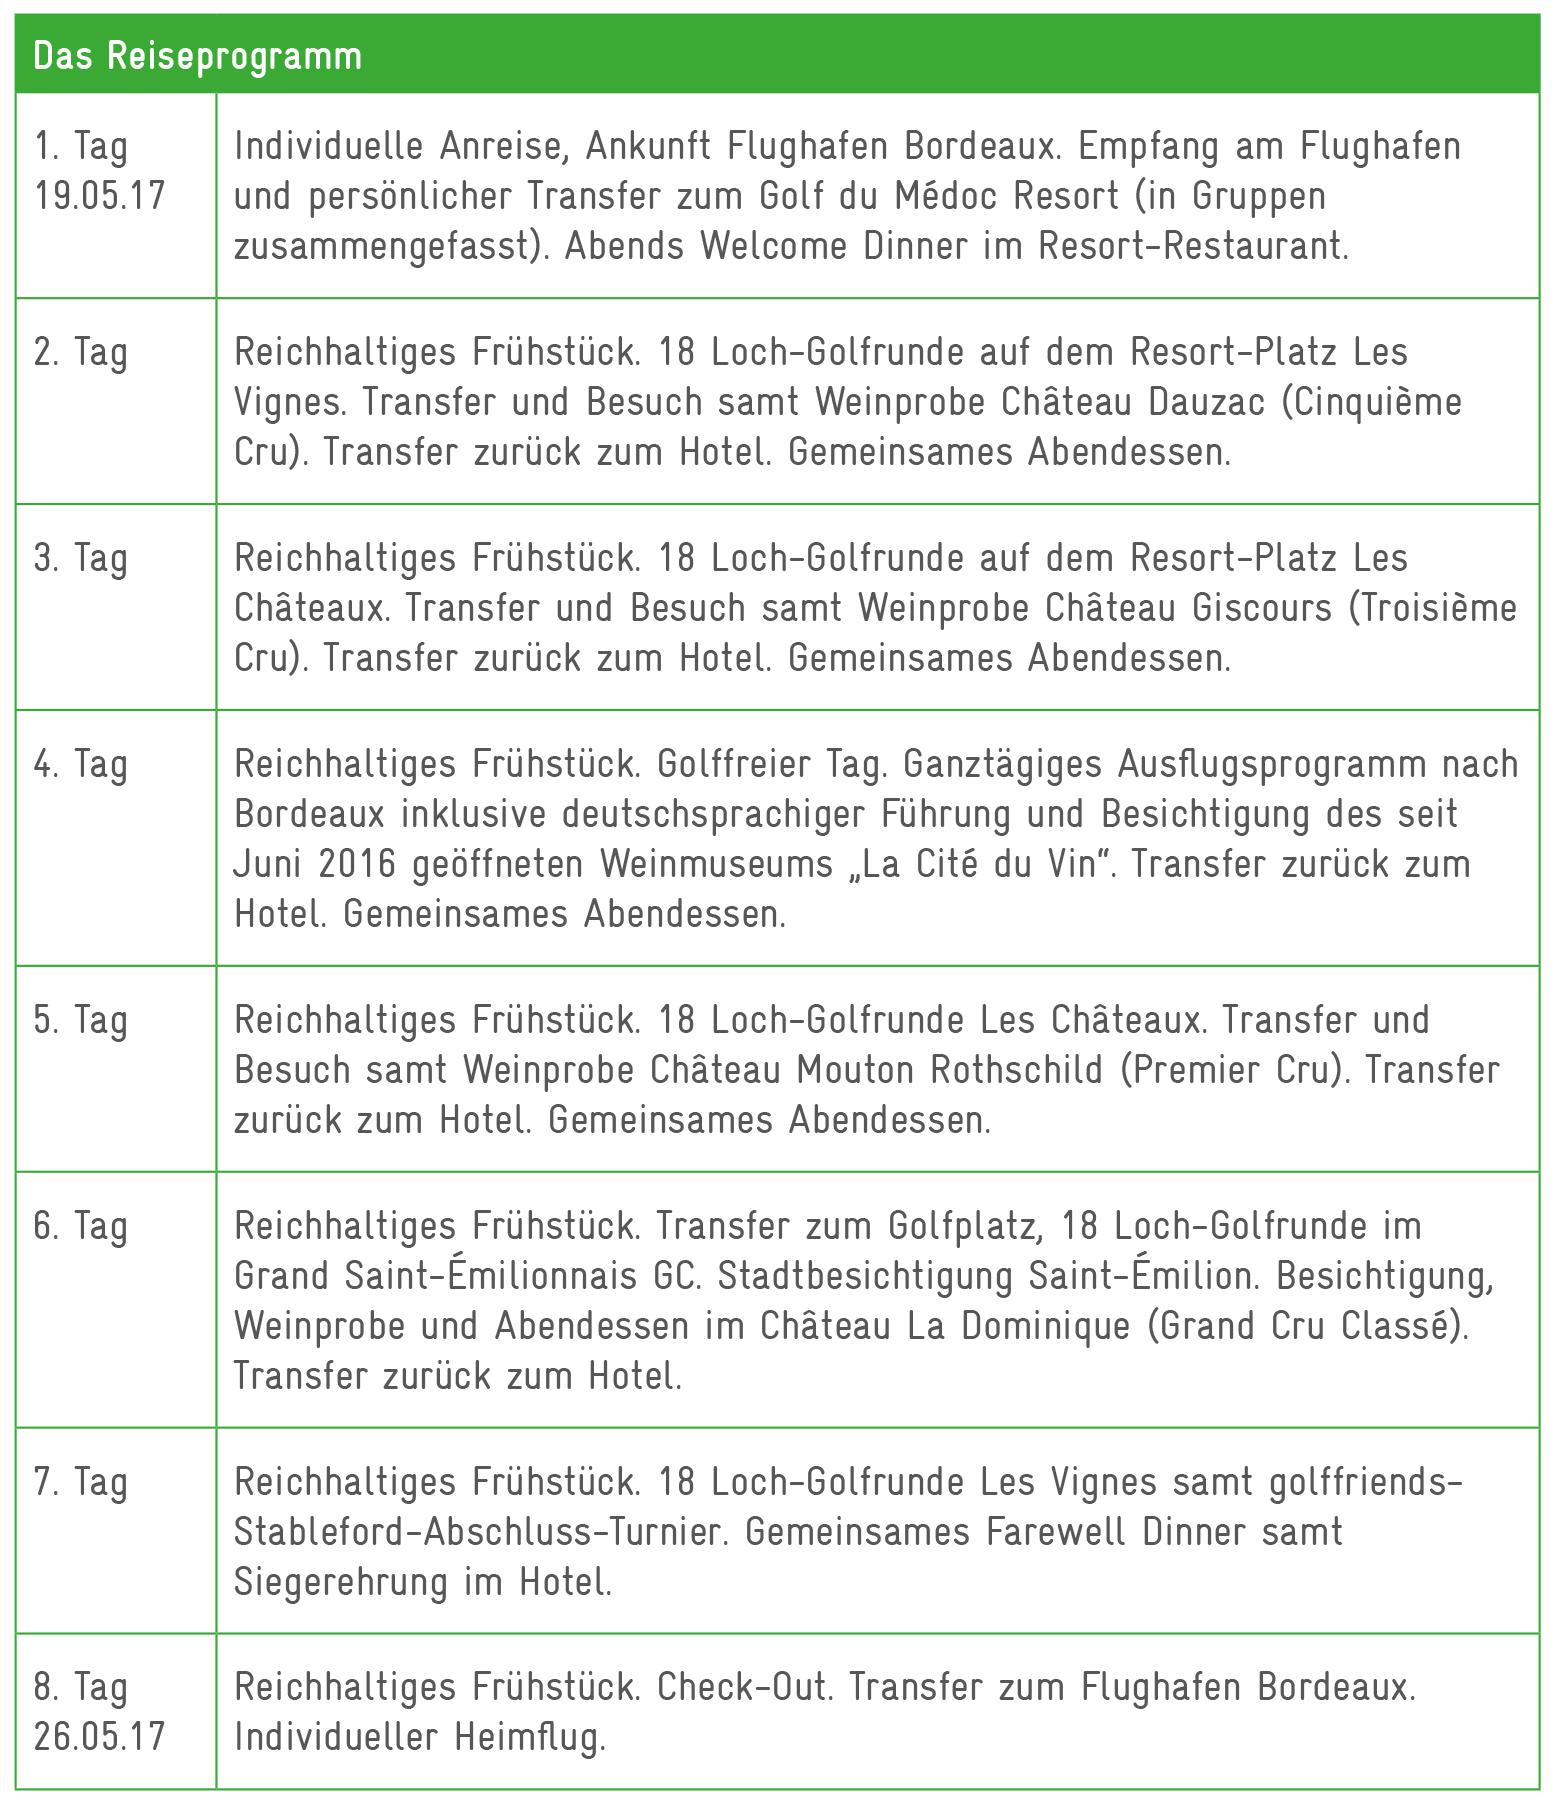 Reiseprogramm Bordeaux17